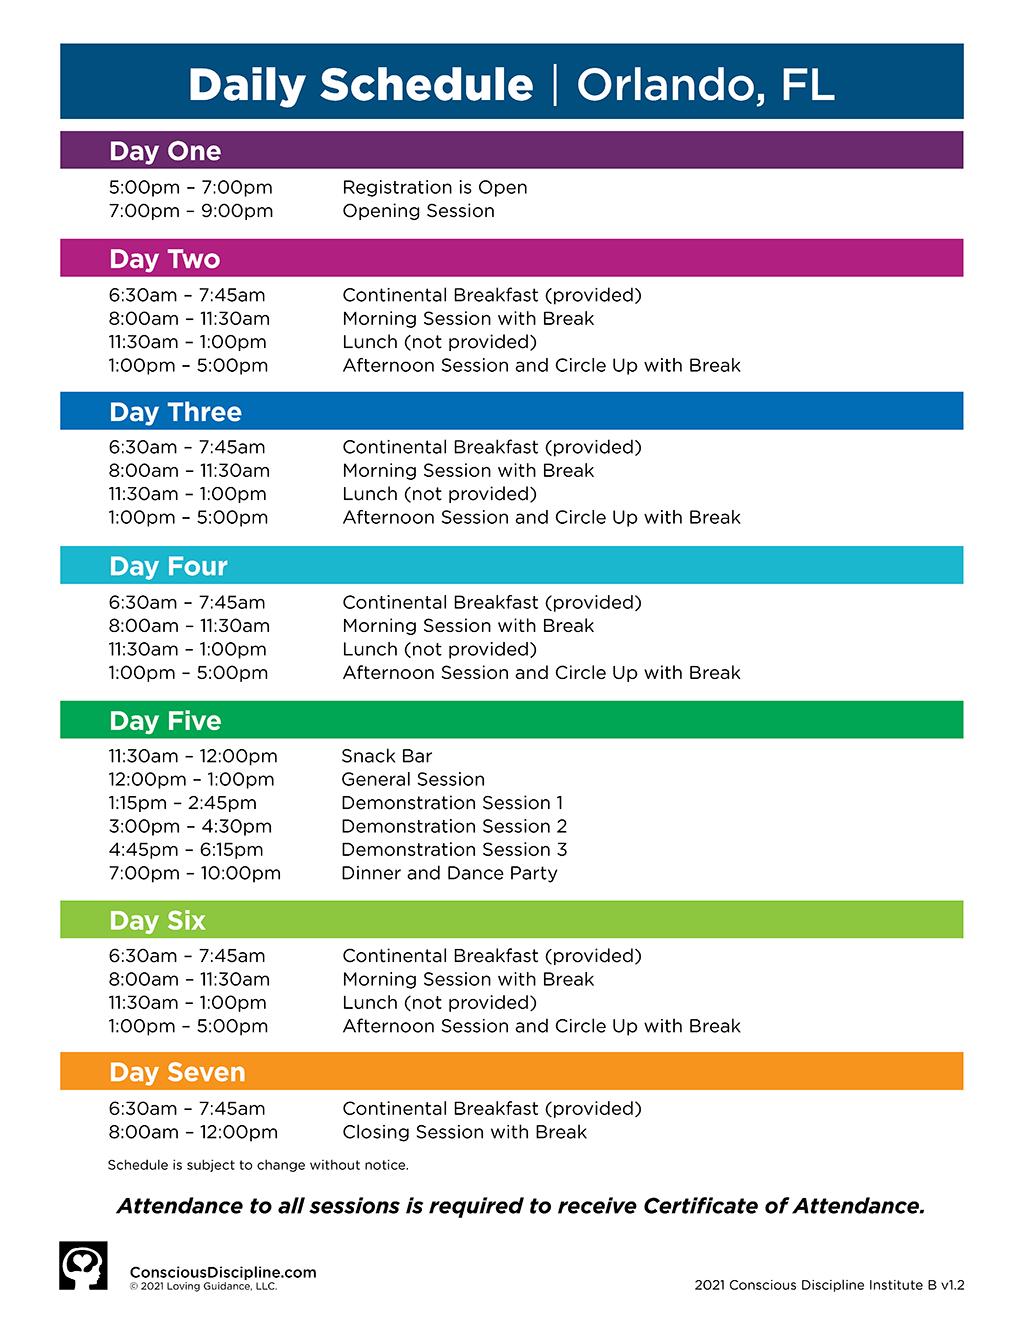 2021 Session B Orlando Institute - Event Schedule - Image